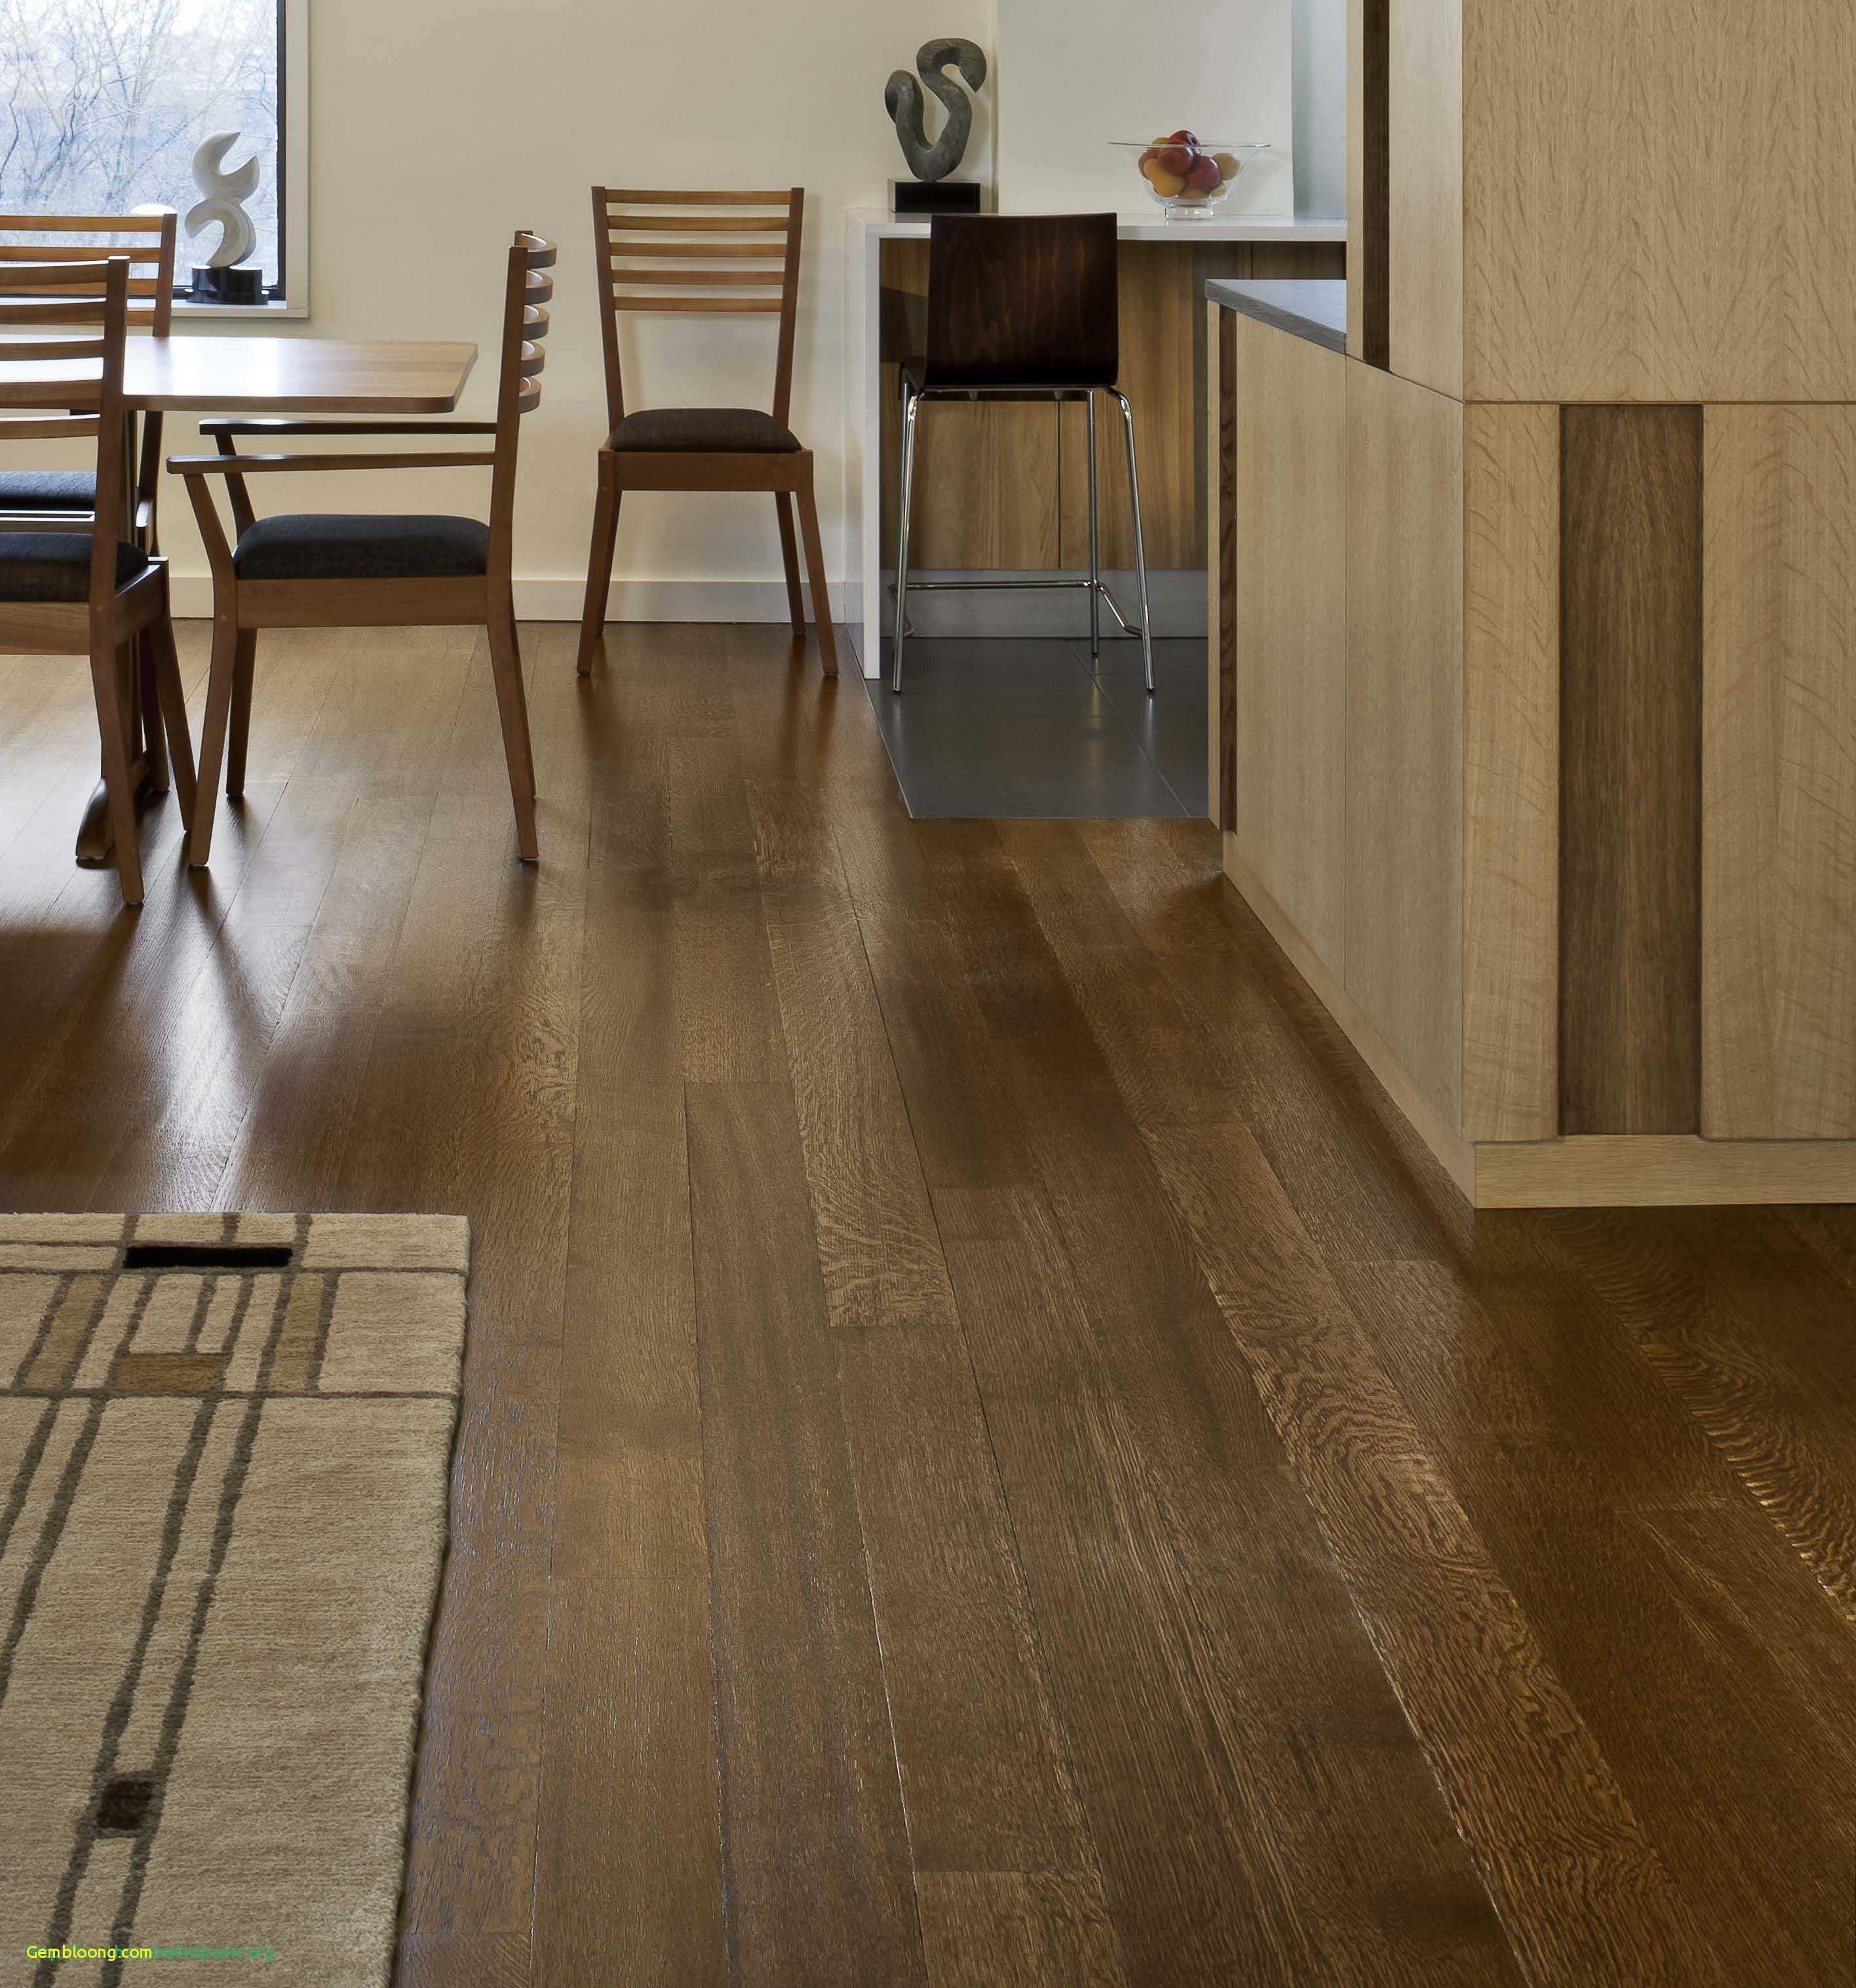 cheap engineered hardwood flooring of wood for floors facesinnature with engineered wood flooring deals frais appealing discount hardwood flooring 1 big kitchen floor